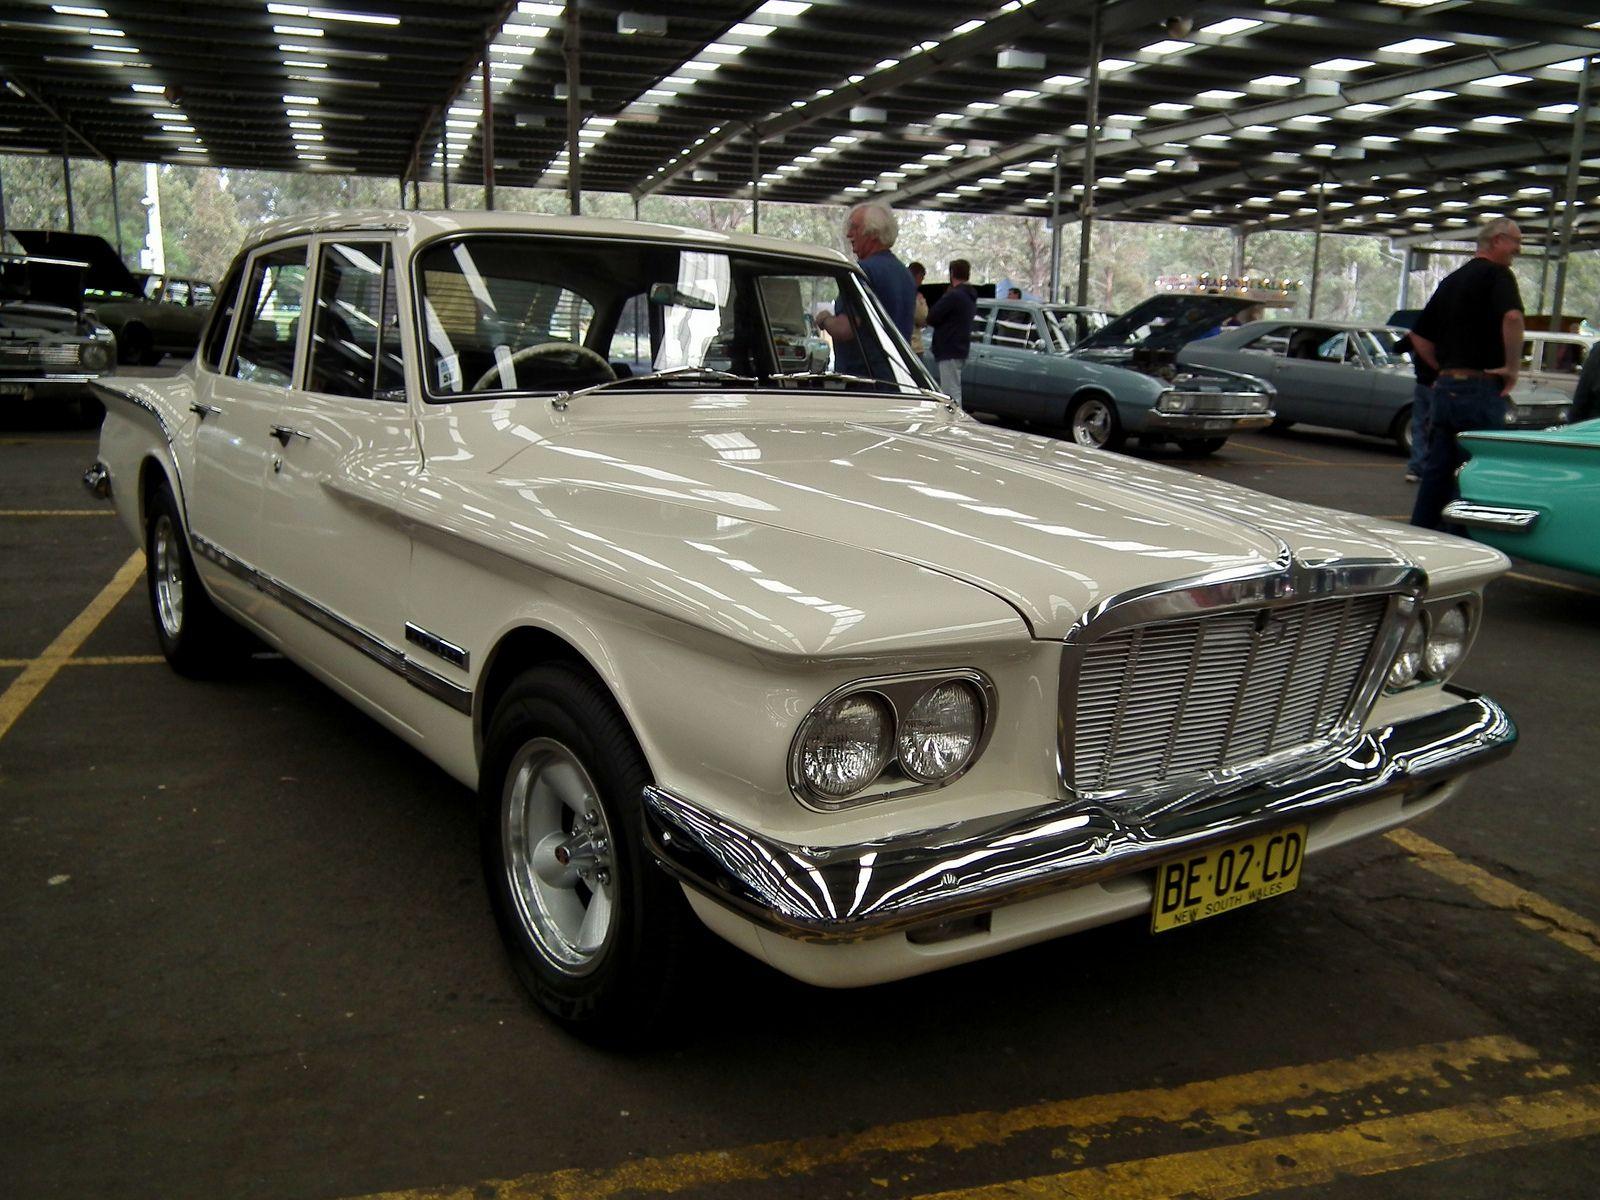 1962 chrysler valiant sv1 series